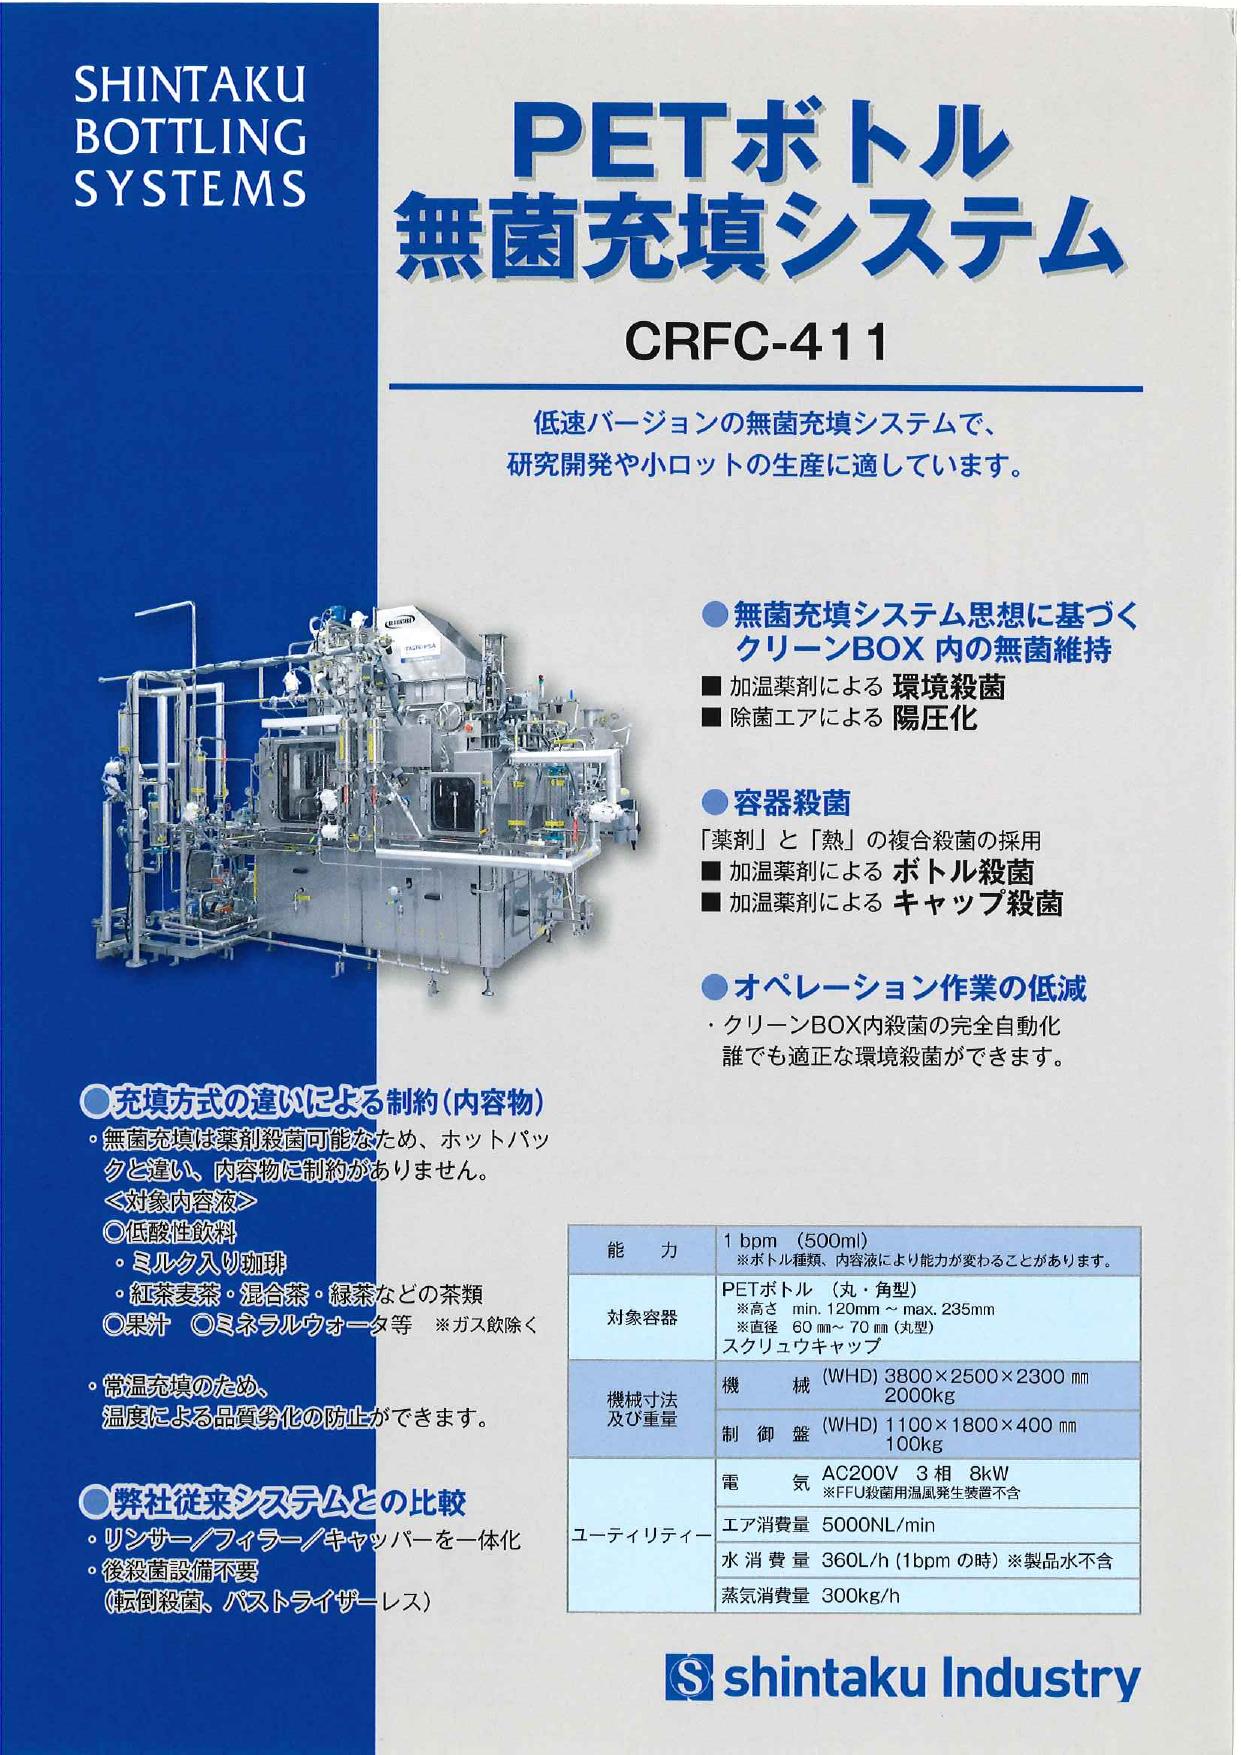 PETボトル無菌充填システム CRFC-411